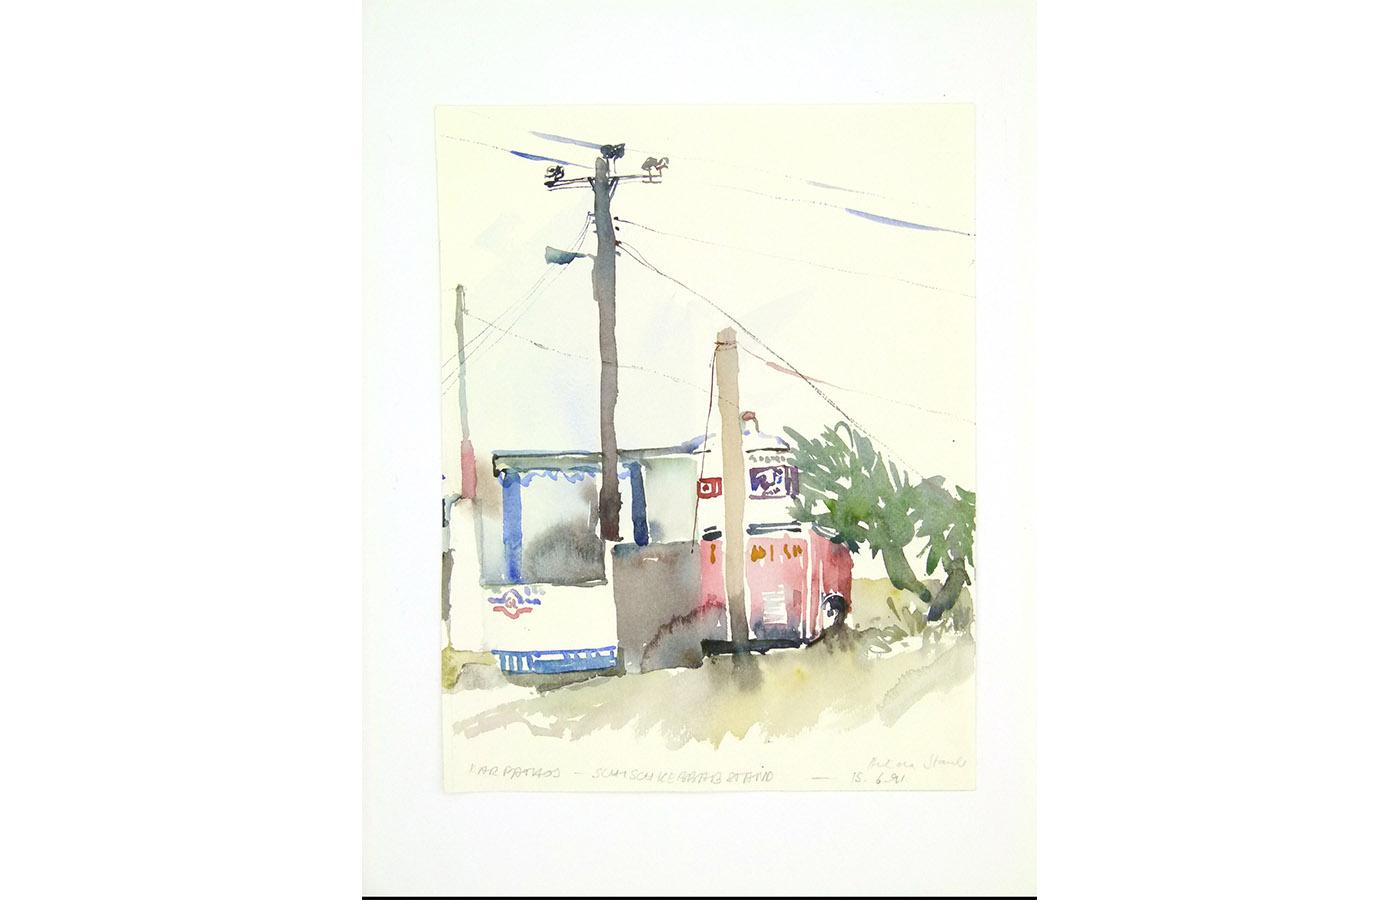 Landschaften und Reisebilder, Aquarell, 1991 bis 1993_0030_L1110043a